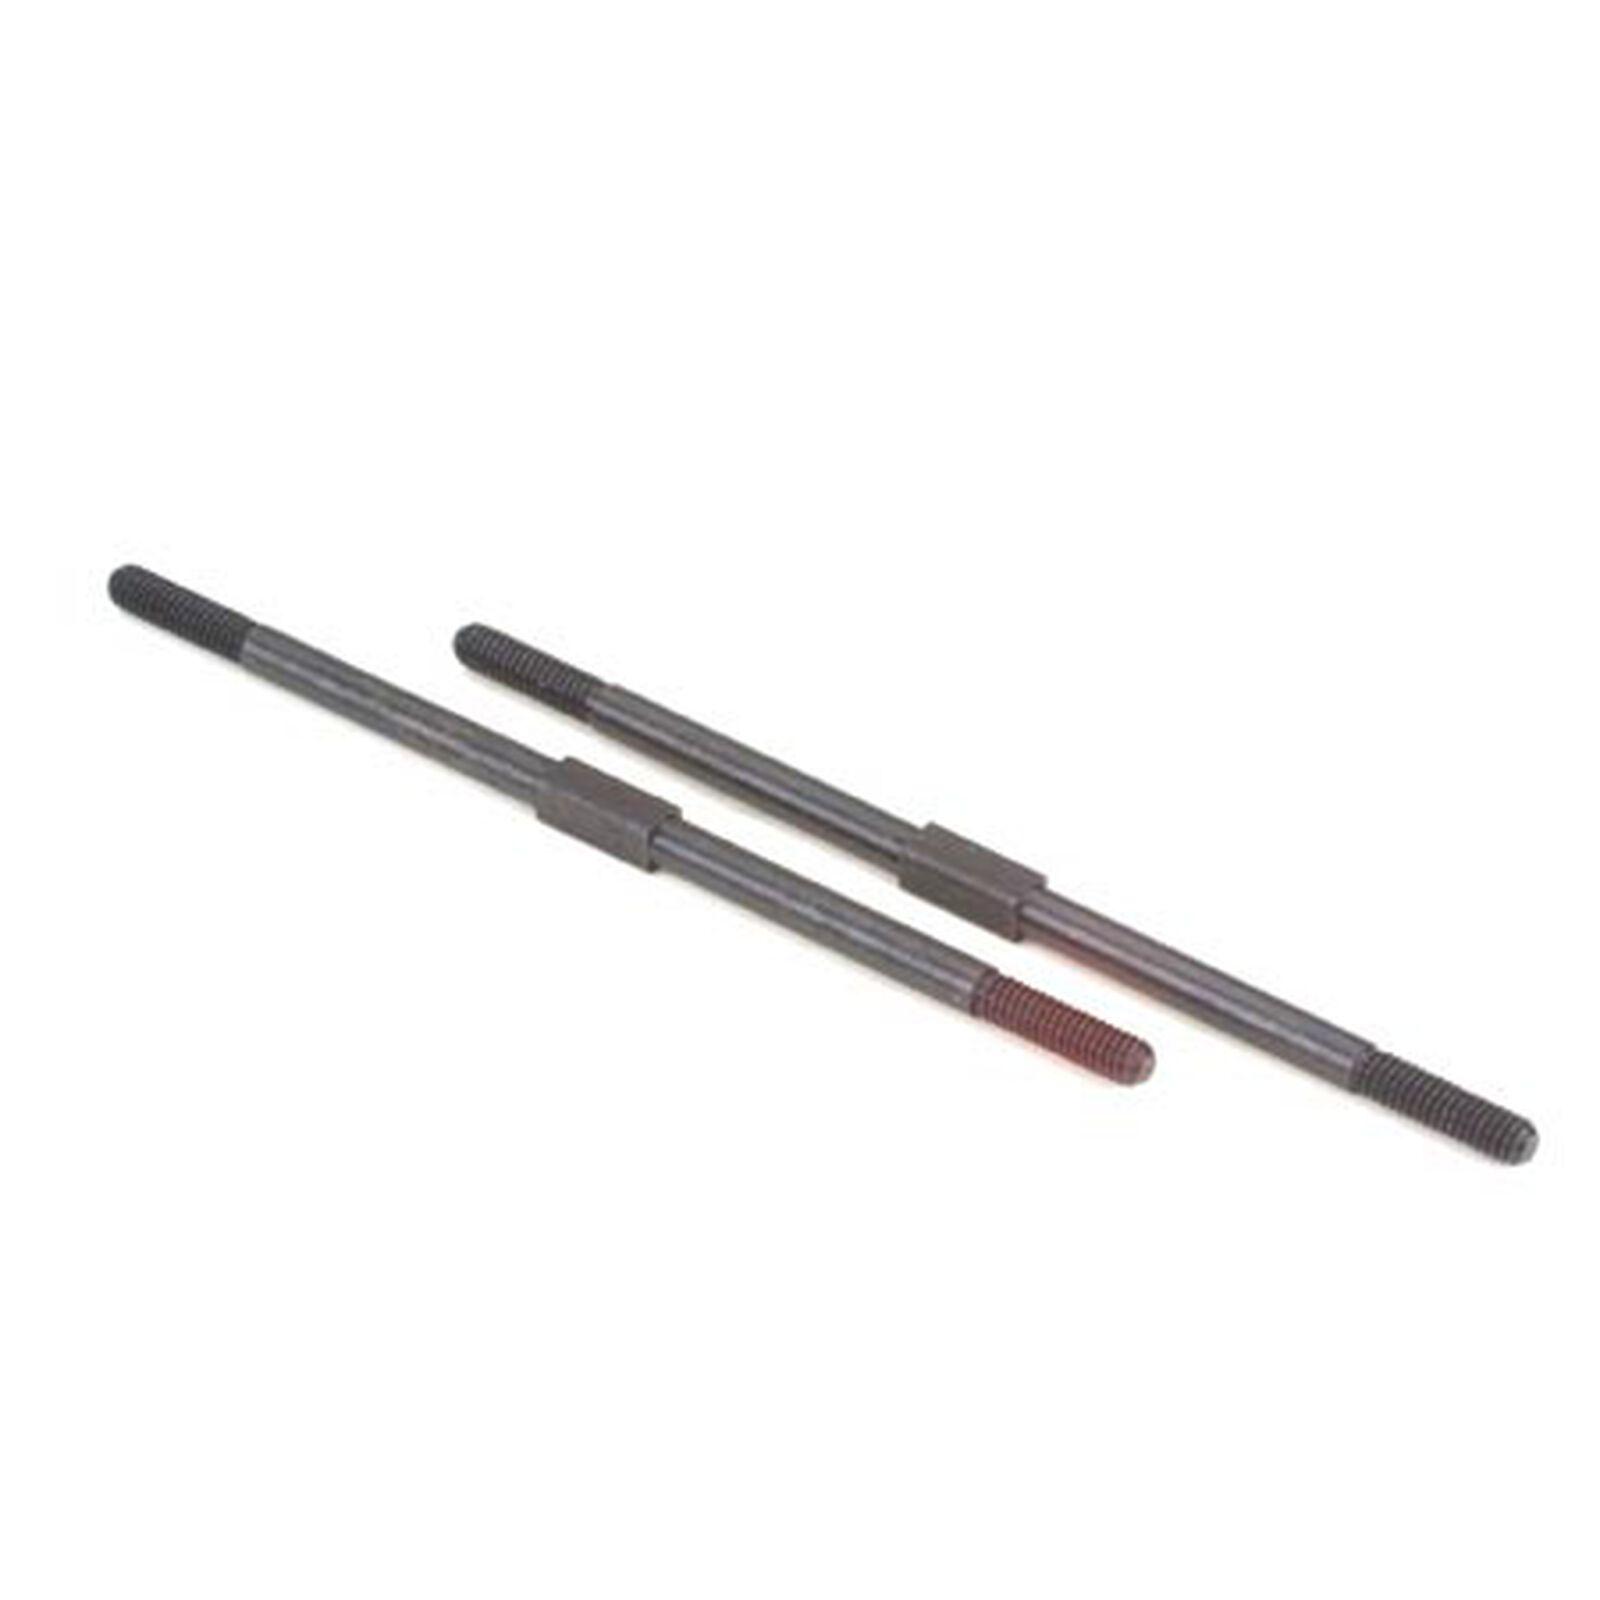 """Turnbuckle, 2.80"""", Steel (2)"""